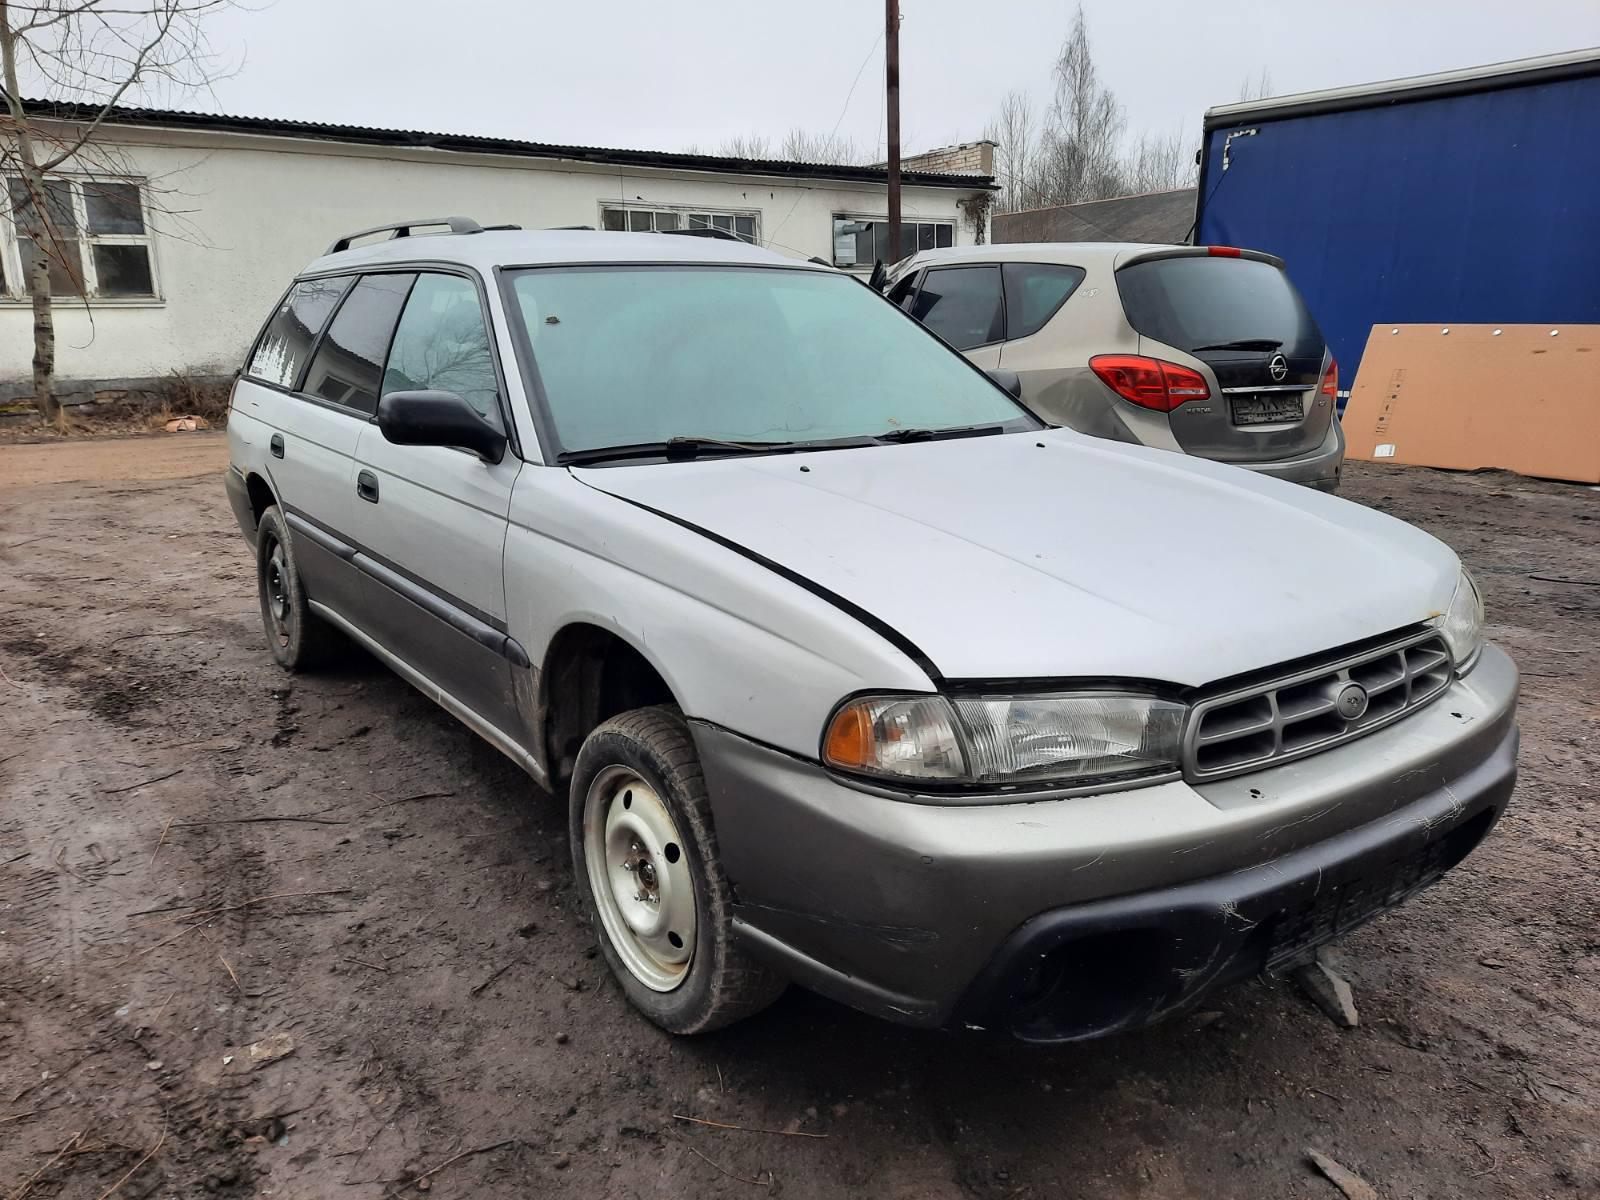 Подержанные Автозапчасти Subaru OUTBACK 1999 2.5 автоматическая универсал 4/5 d. серебро 2021-3-04